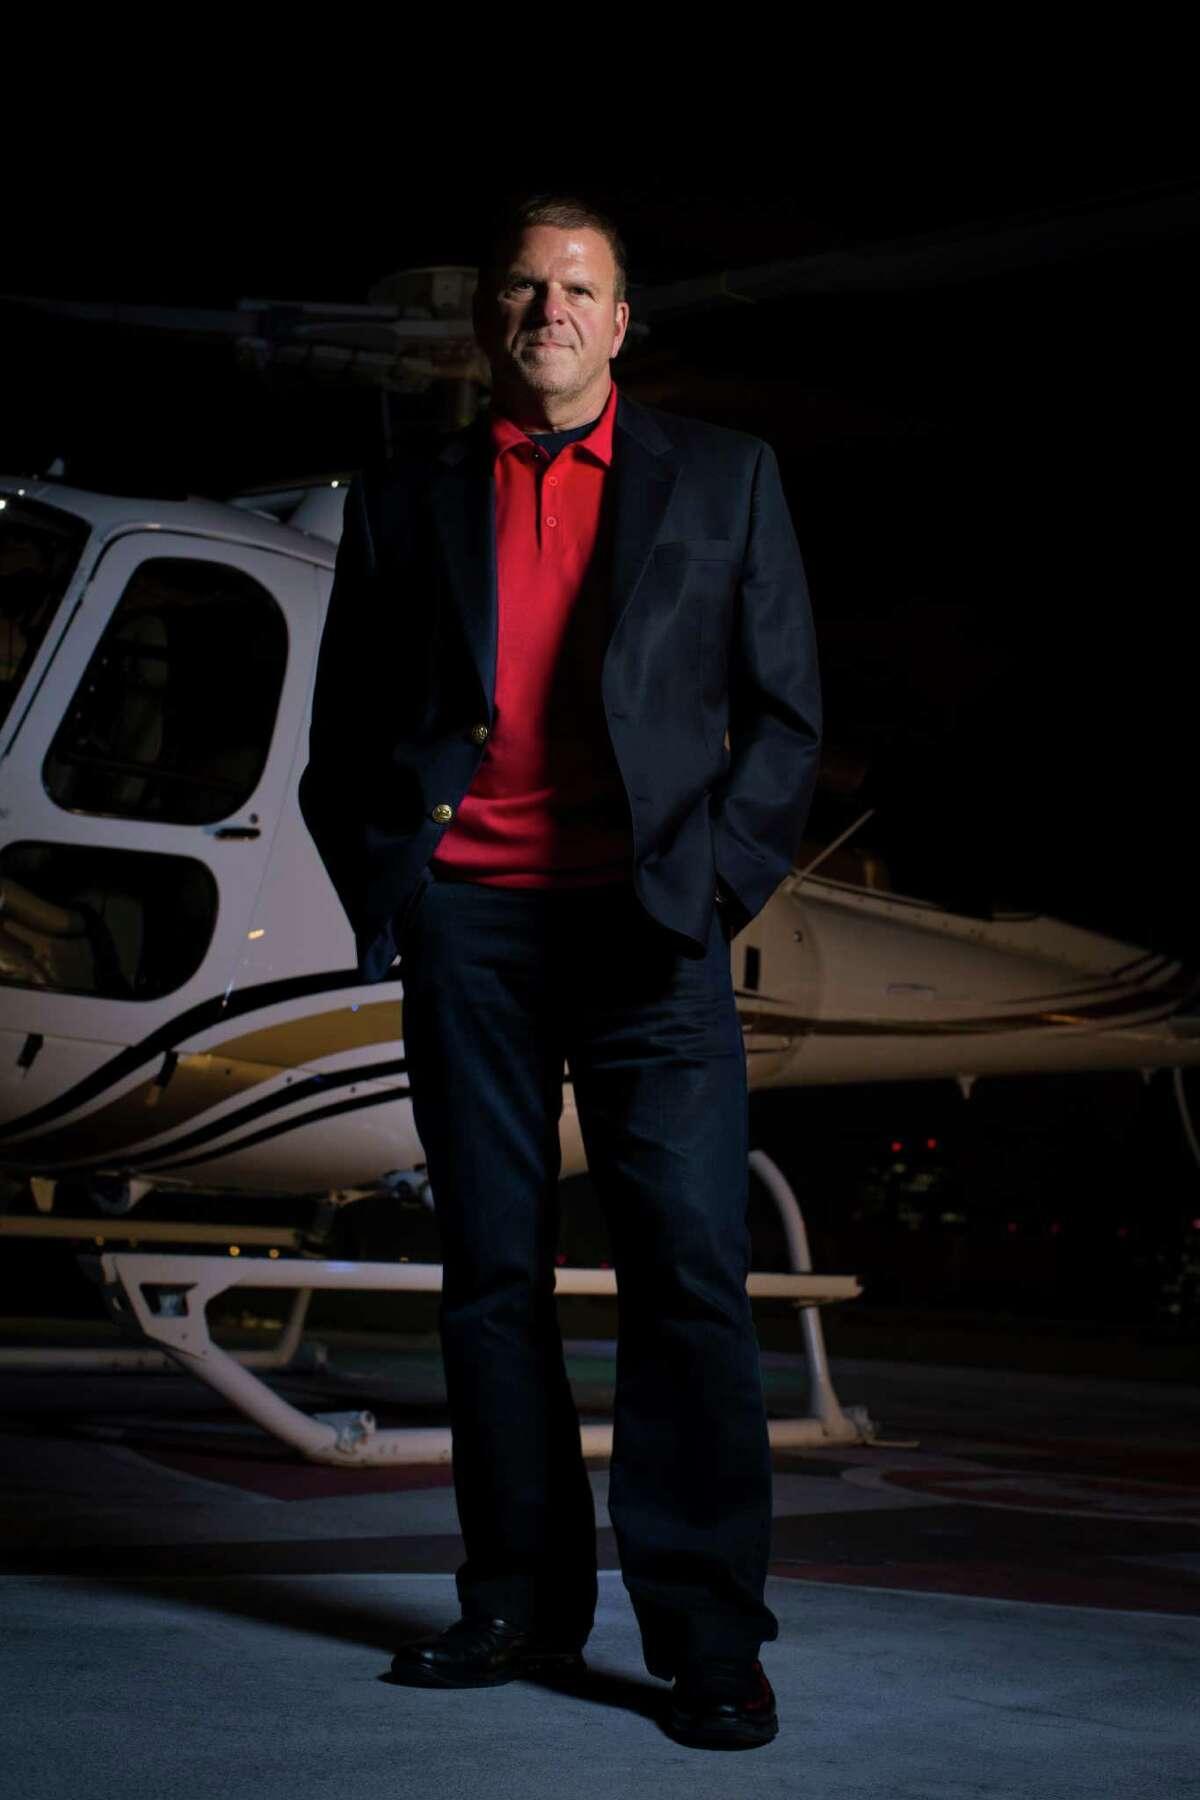 """On """"Billion Dollar Buyer,"""" Fertitta mentors entrepreneurs striving for a product deal via his Landry's empire."""